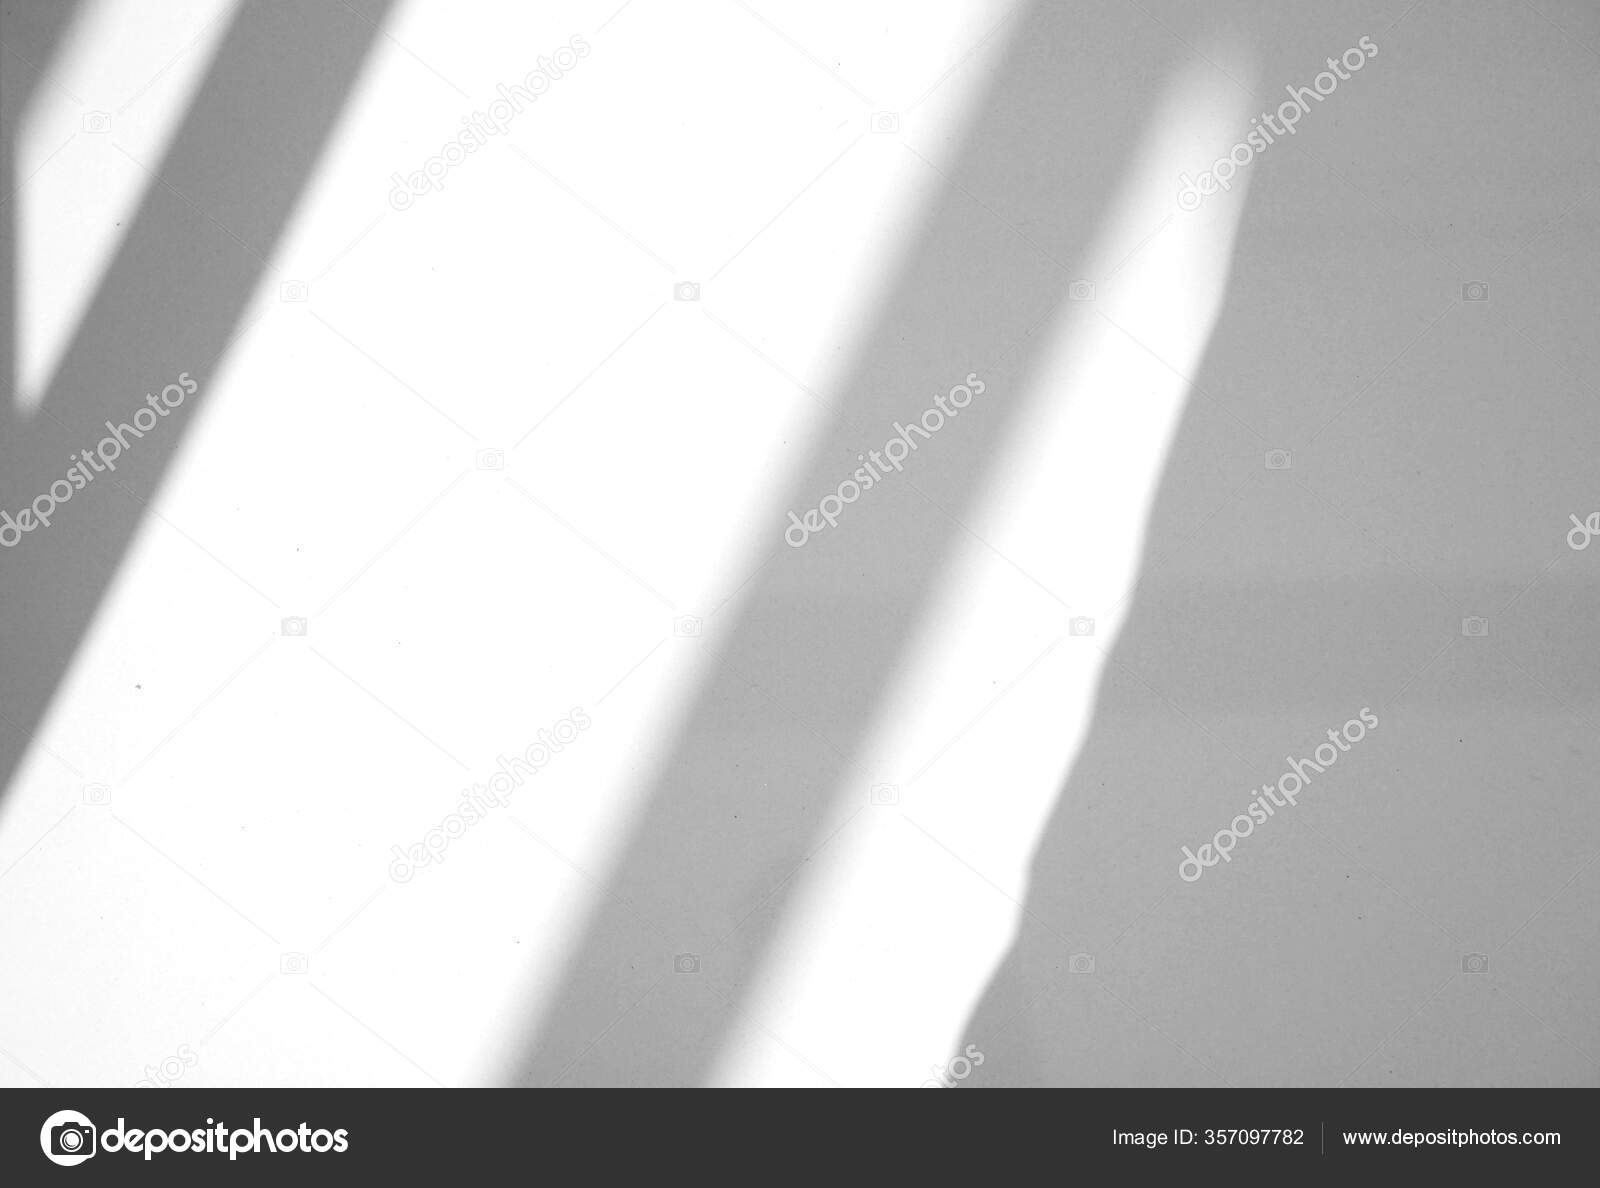 гортензий наложение эффекта окна на фото внимание